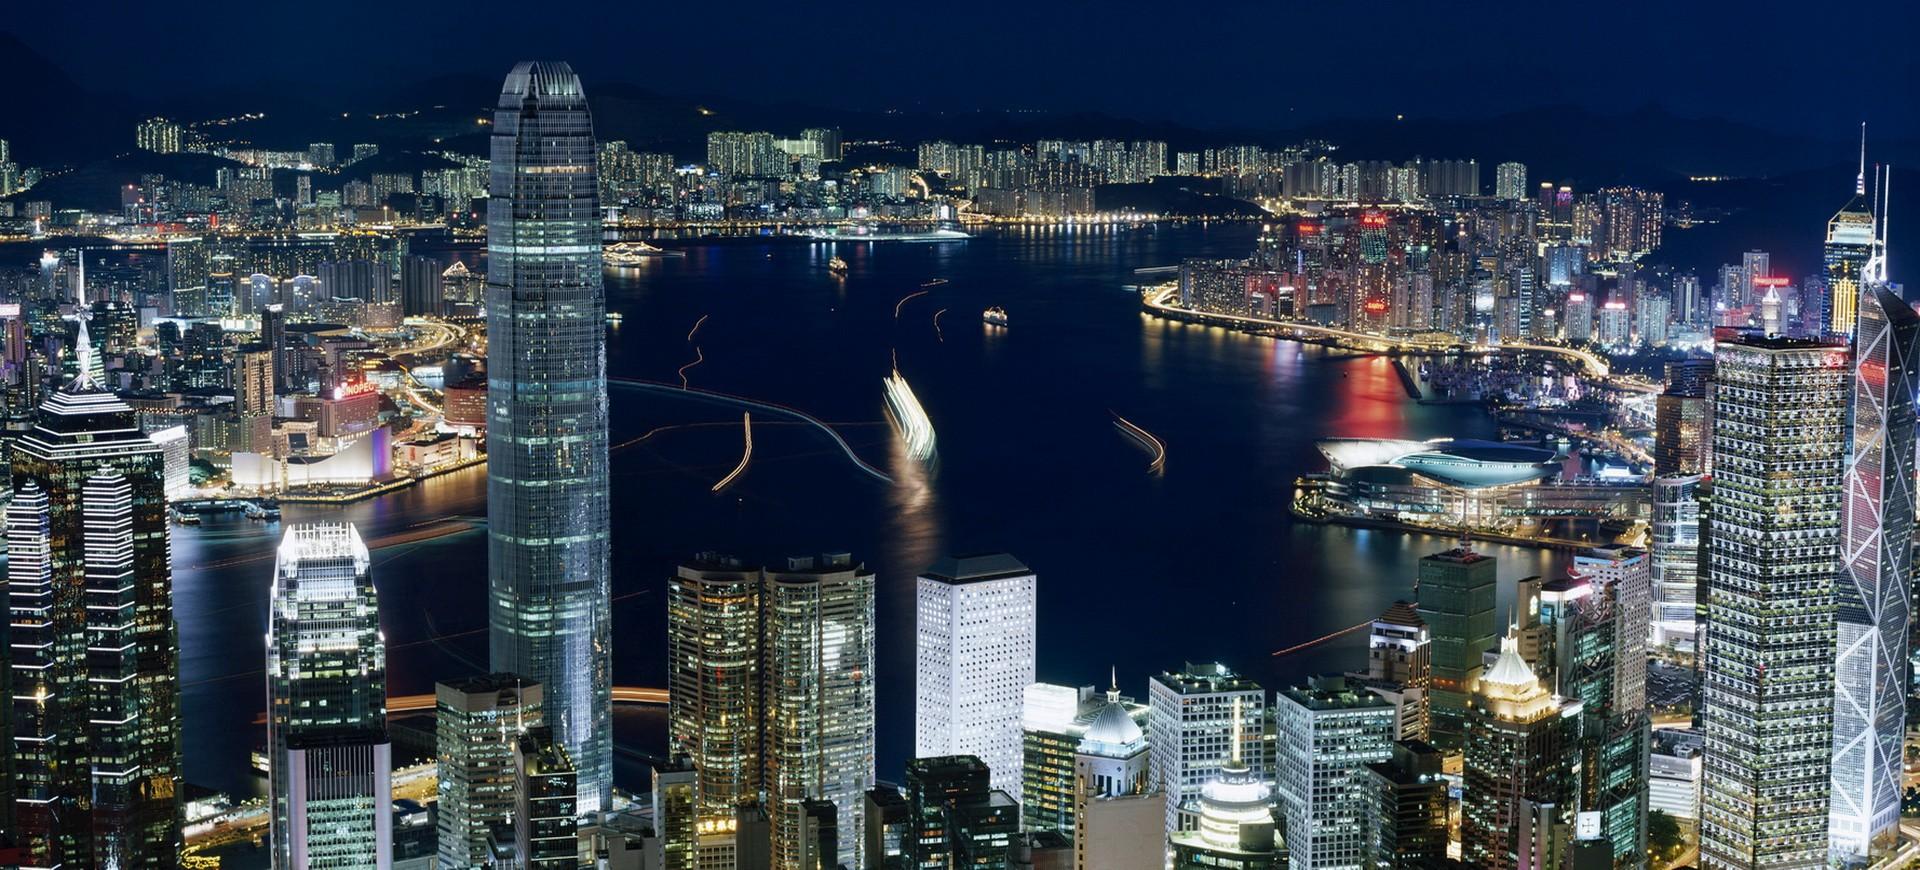 Baie et Skyline de Hong Kong by night